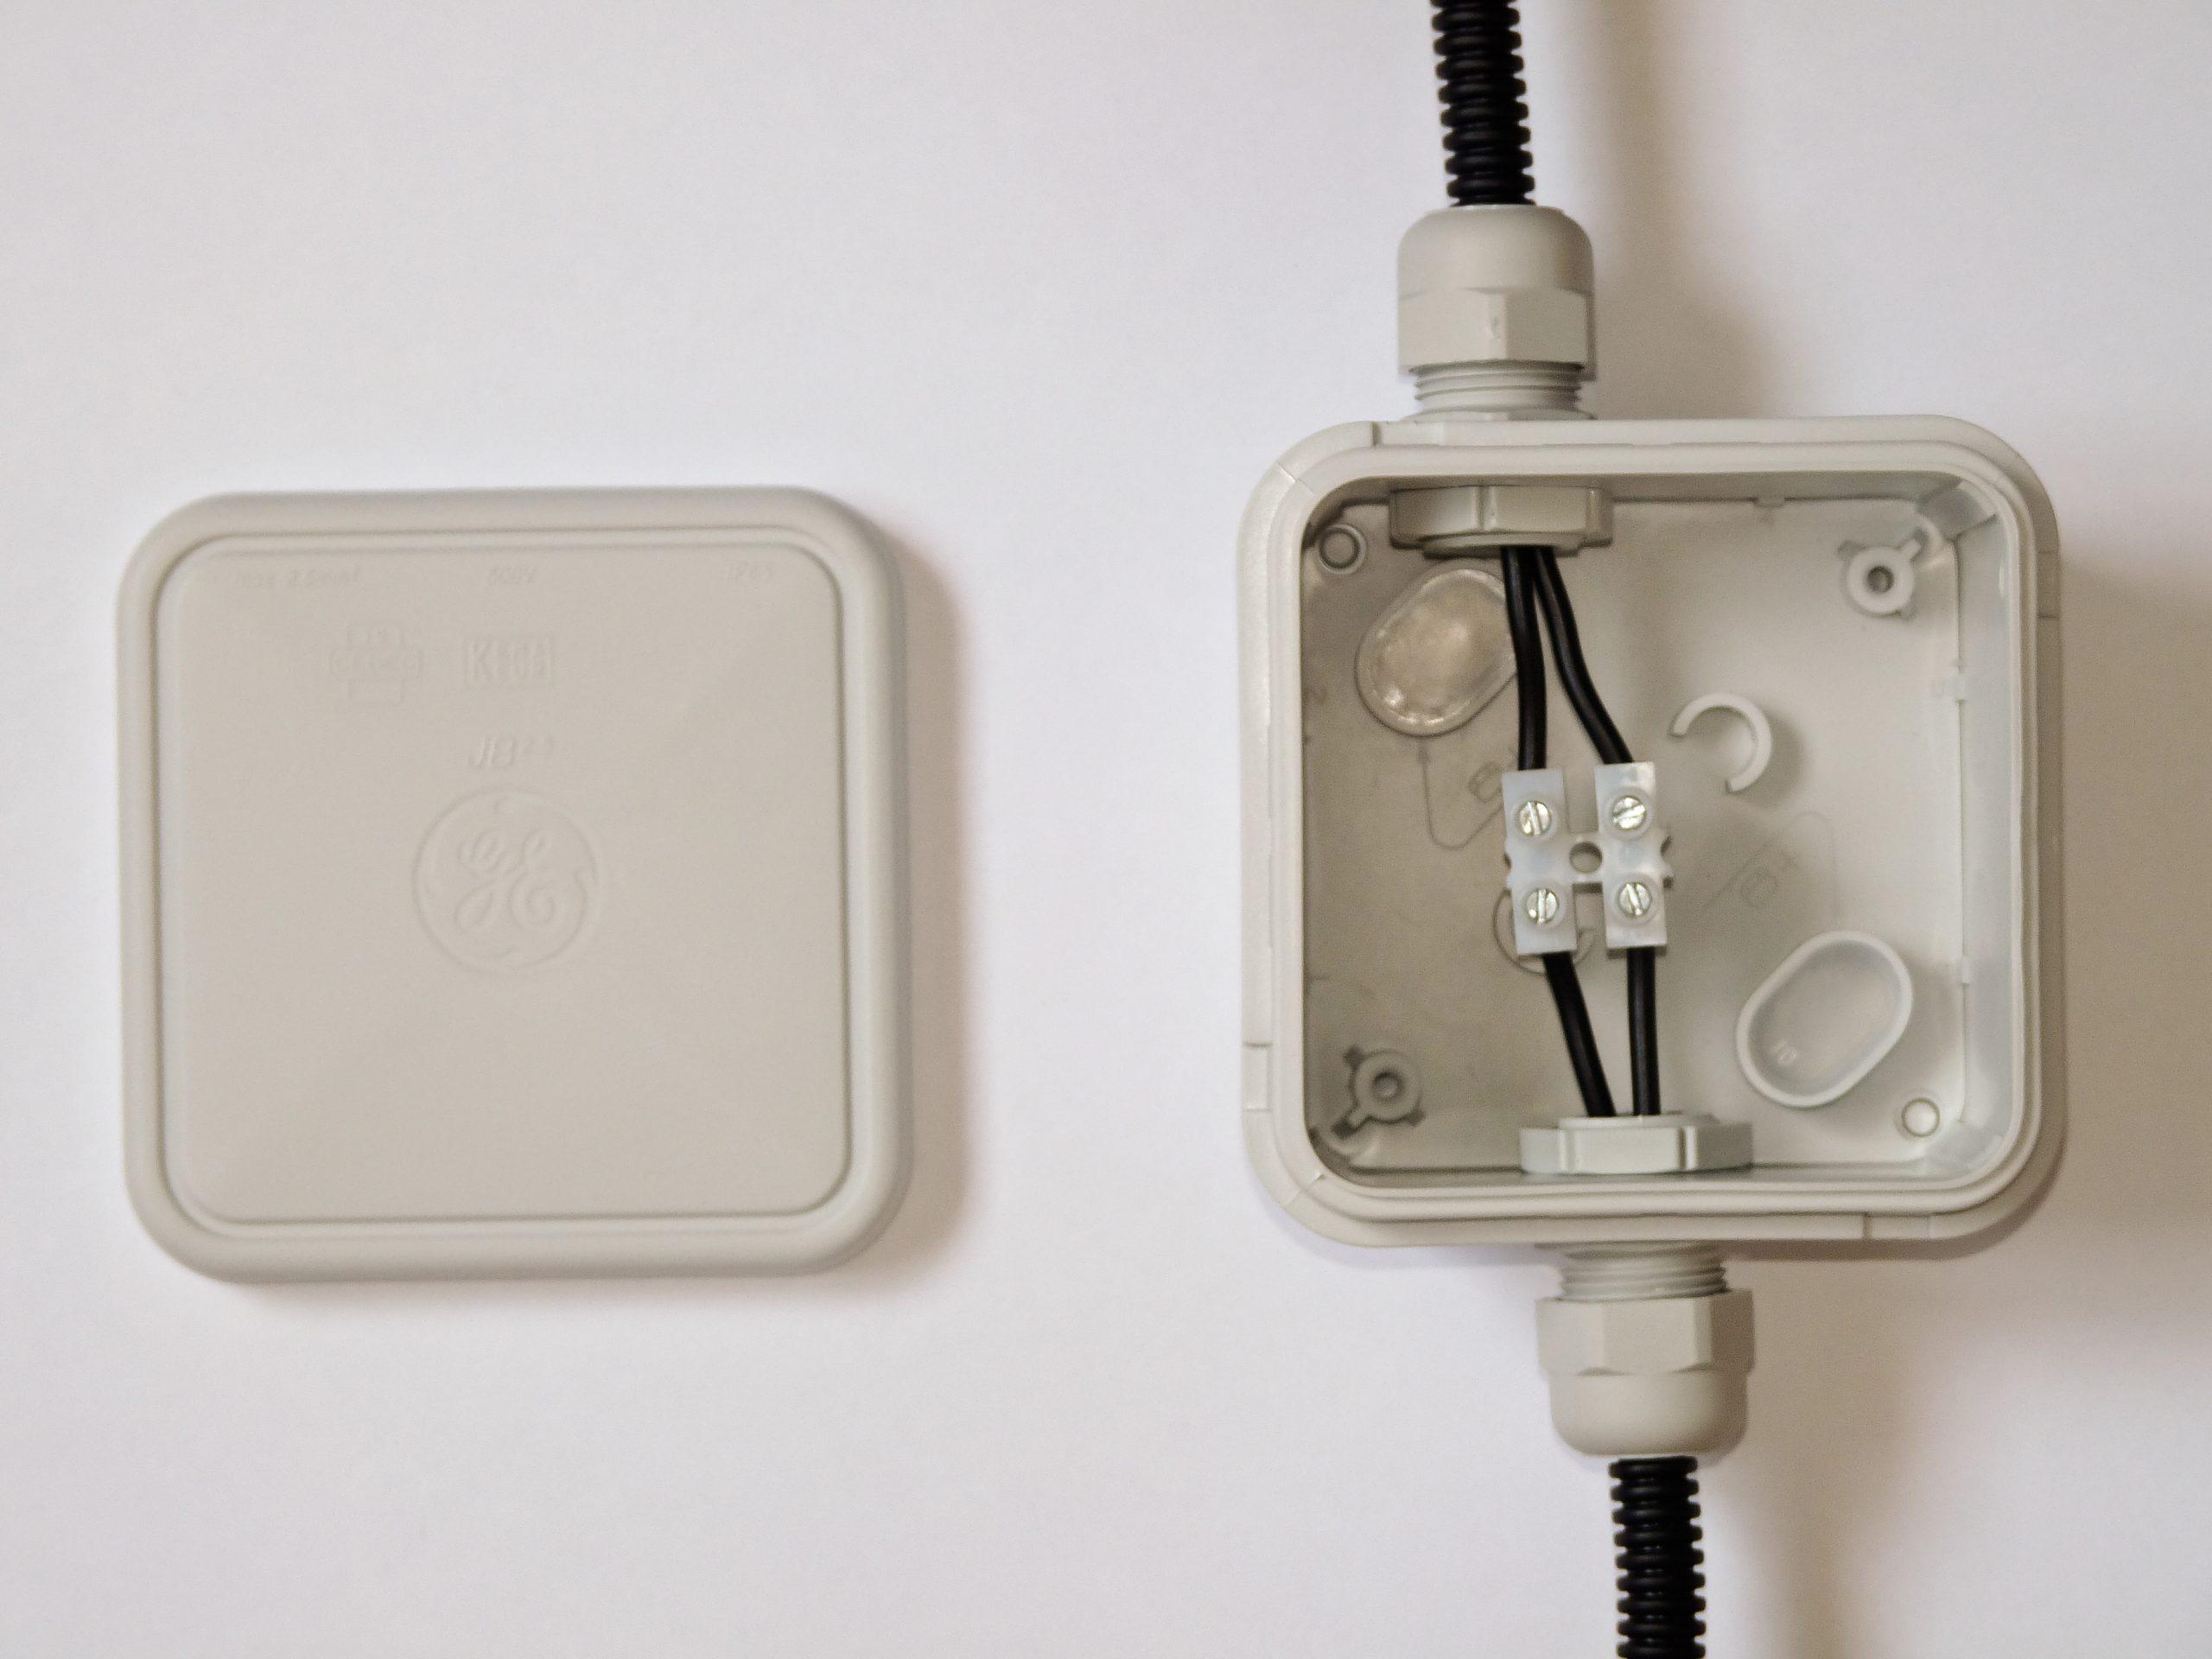 Comment installer une boîte de jonction électrique